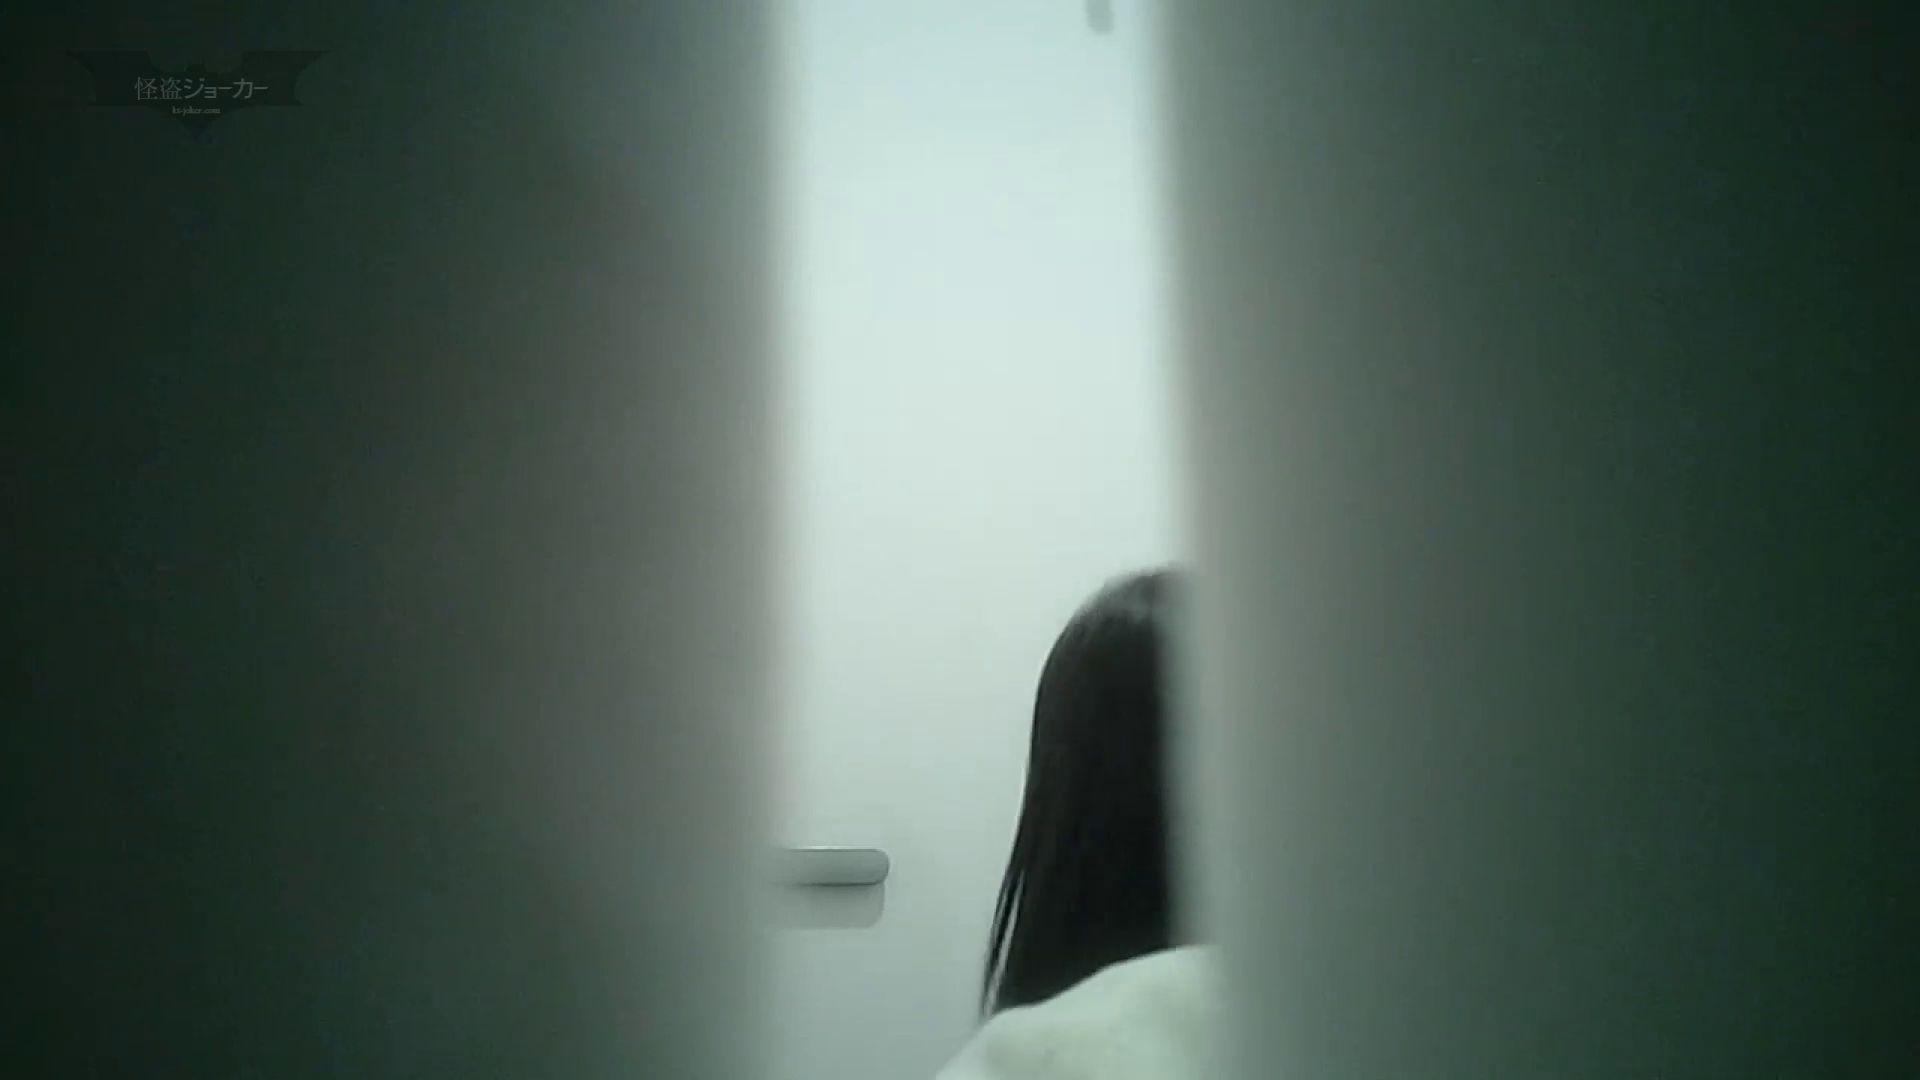 有名大学女性洗面所 vol.57 S級美女マルチアングル撮り!! 洗面所のぞき AV無料動画キャプチャ 80枚 42